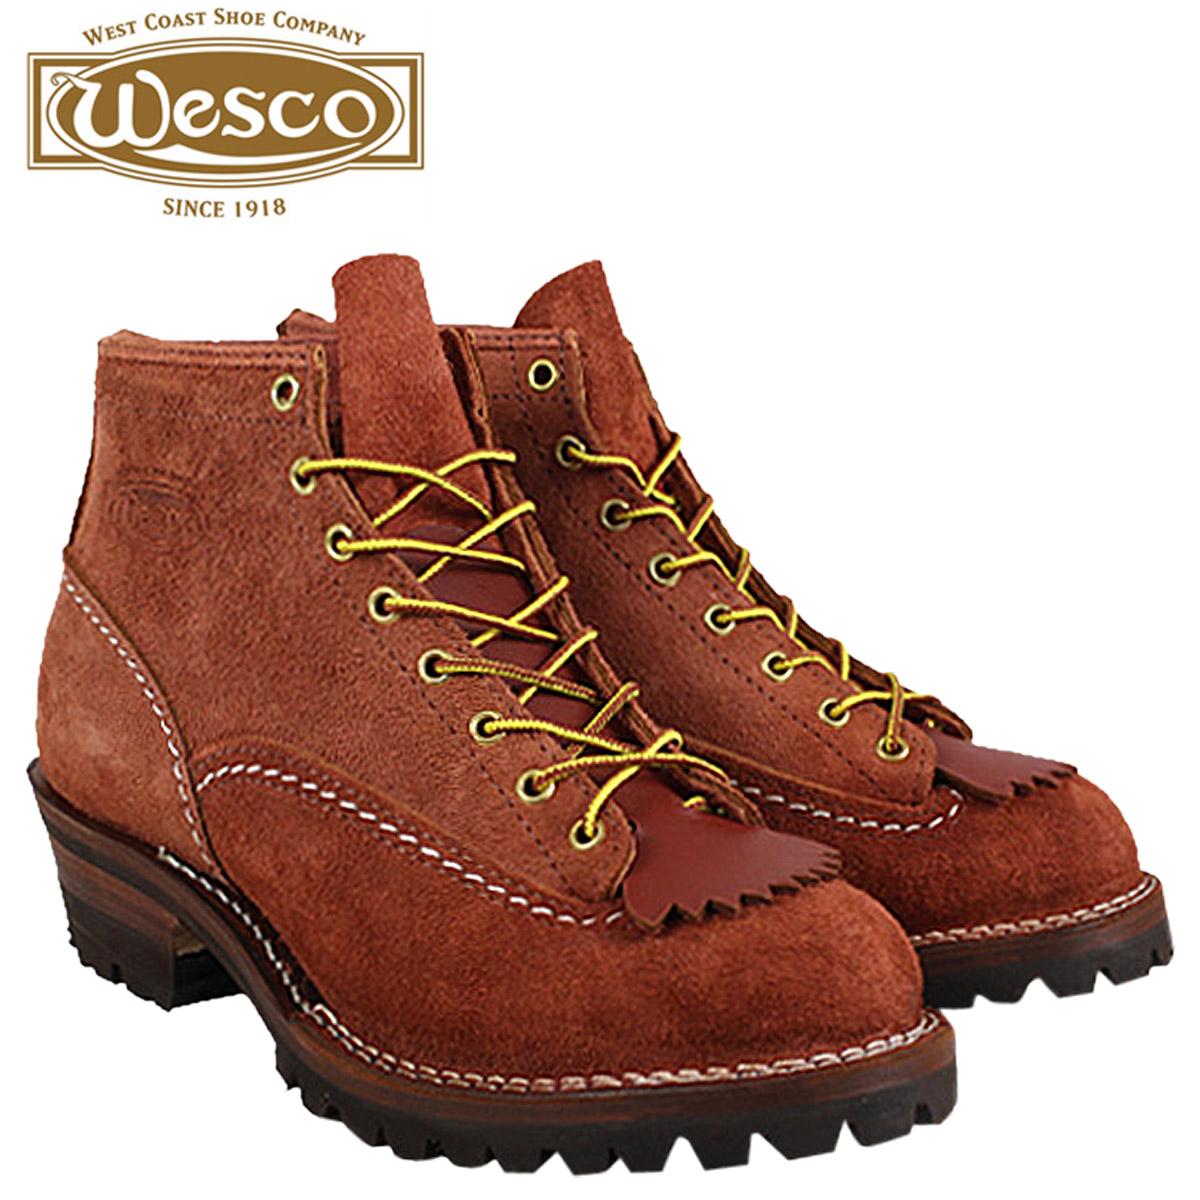 ウエスコ ジョブマスター WESCO ブーツ 6インチ 6INCH JOB MASTER Eワイズ スエード レッドウッド ウェスコ スウェード RW106100 メンズ